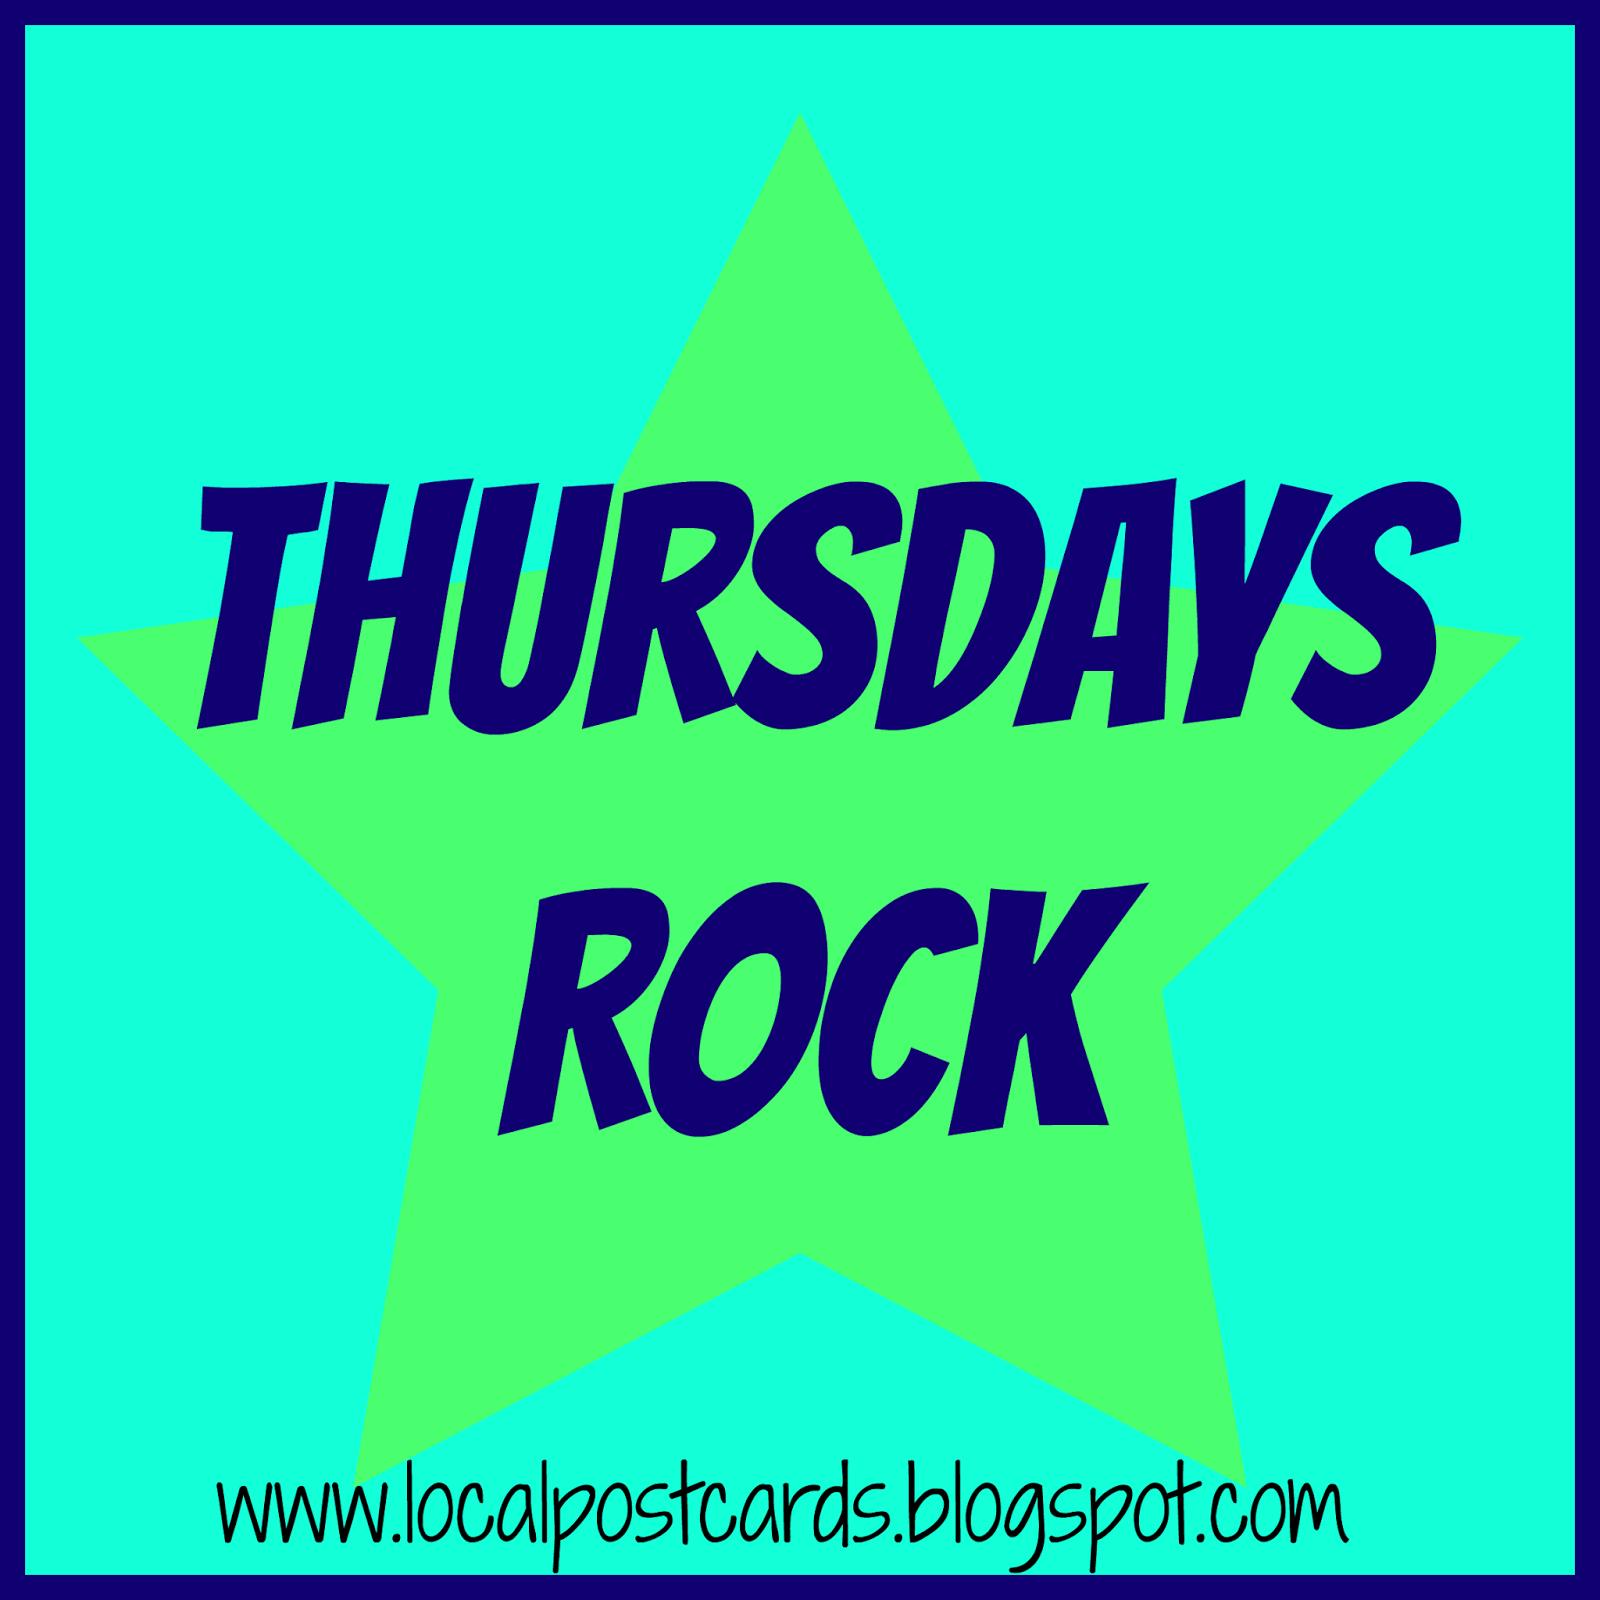 Thursdays Rock